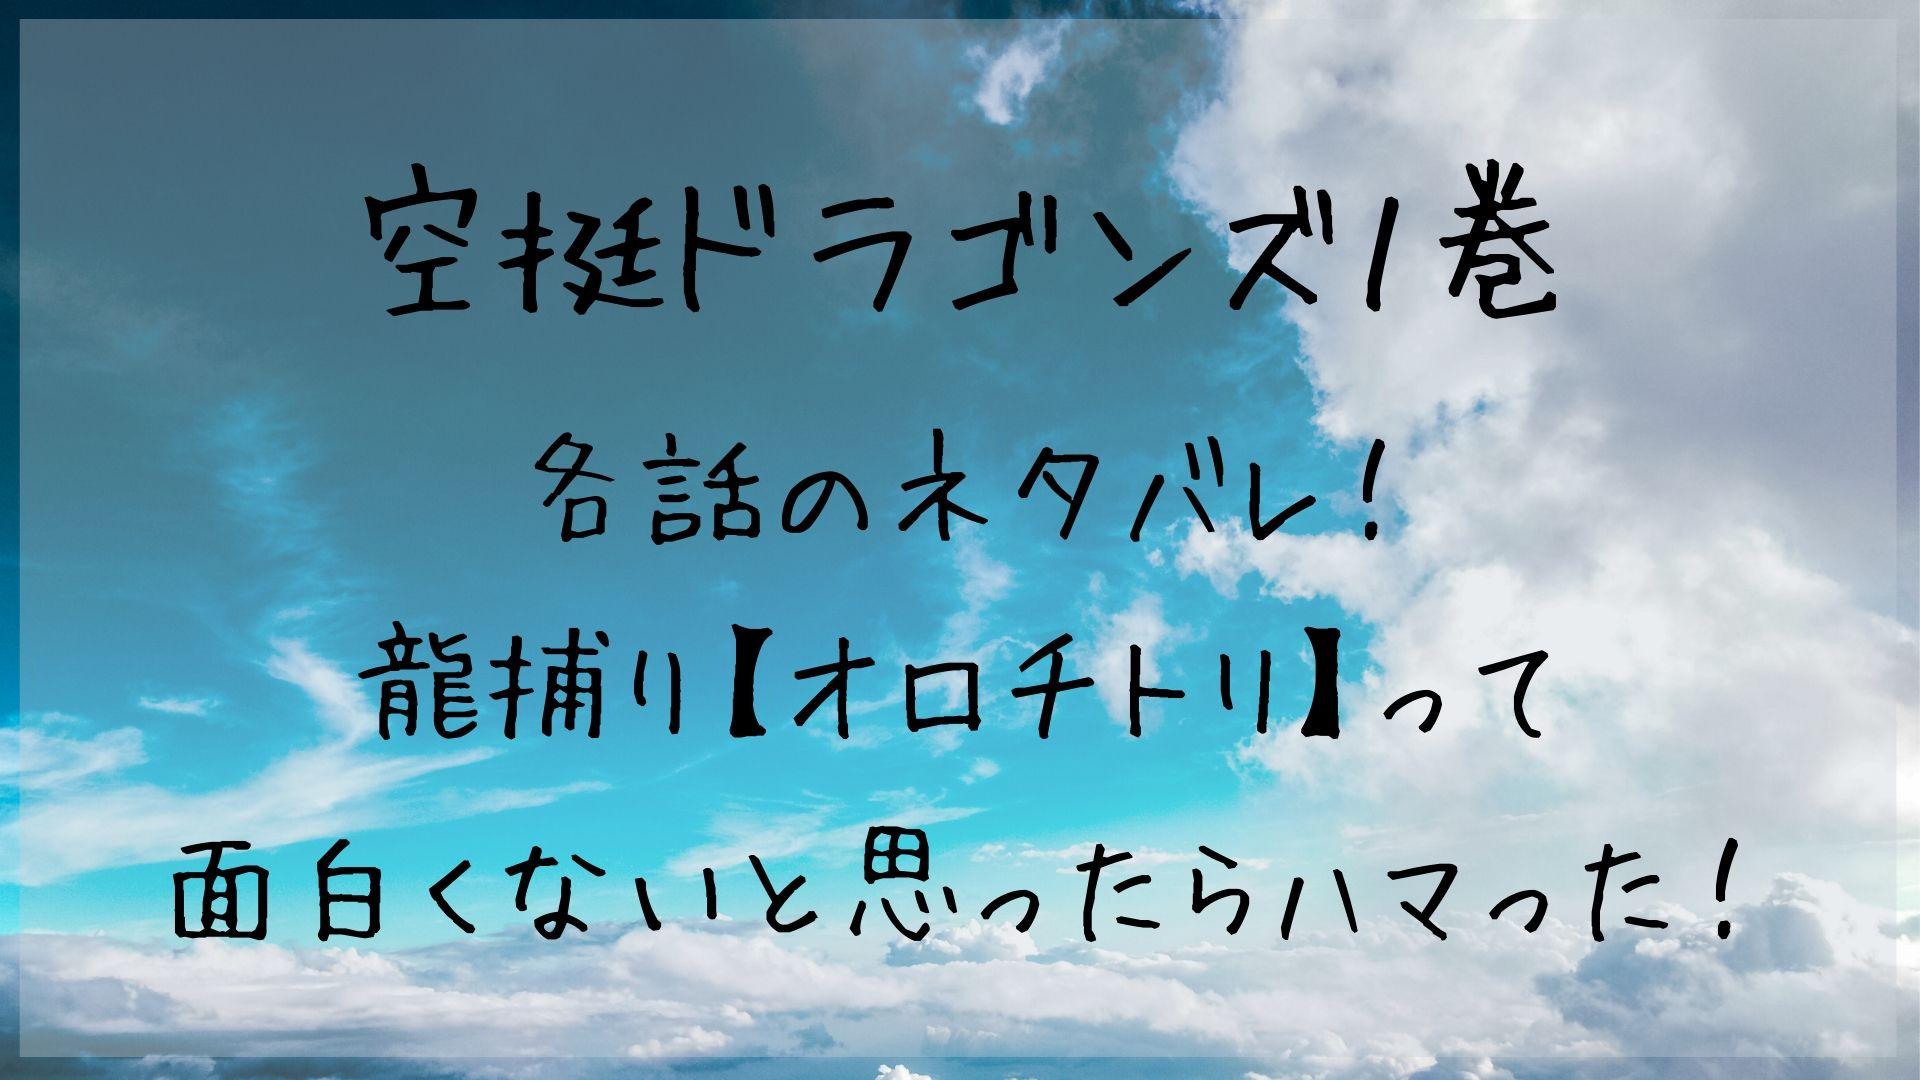 空挺ドラゴンズ1巻各話のネタバレ!龍捕り【オロチトリ】って面白くないと思ったらハマった!